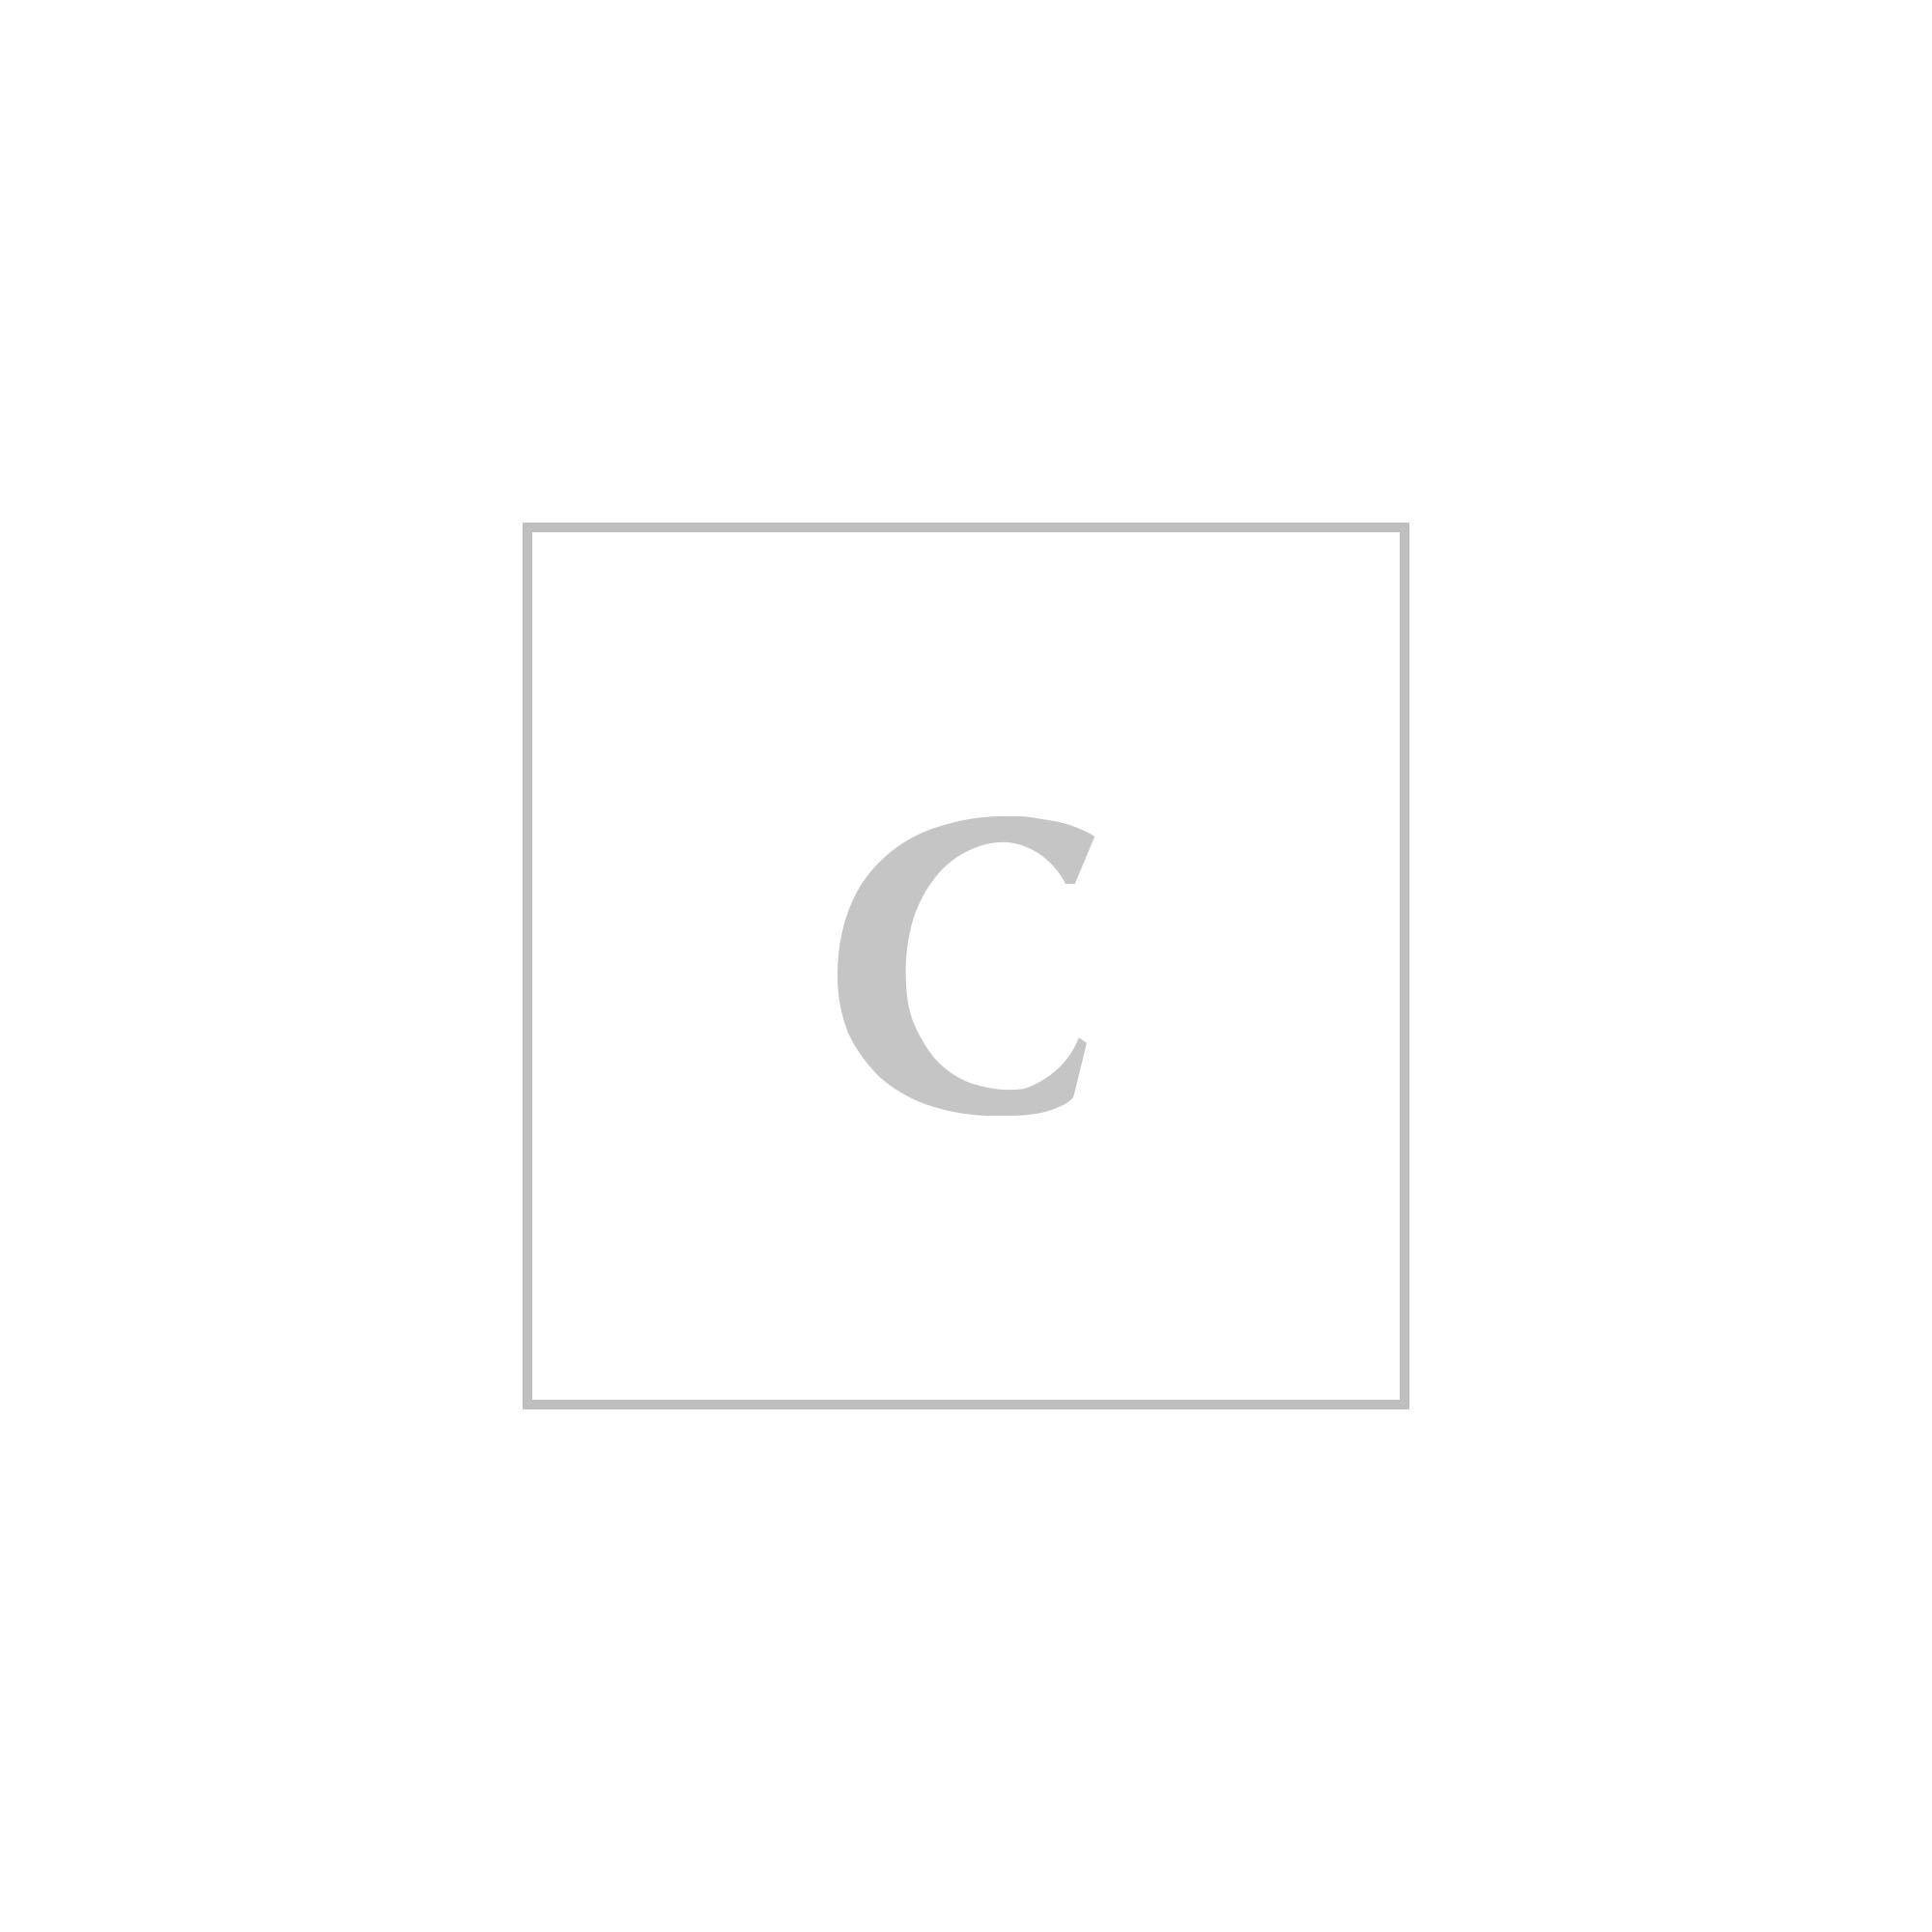 Fendi elite calfskin chain minibag